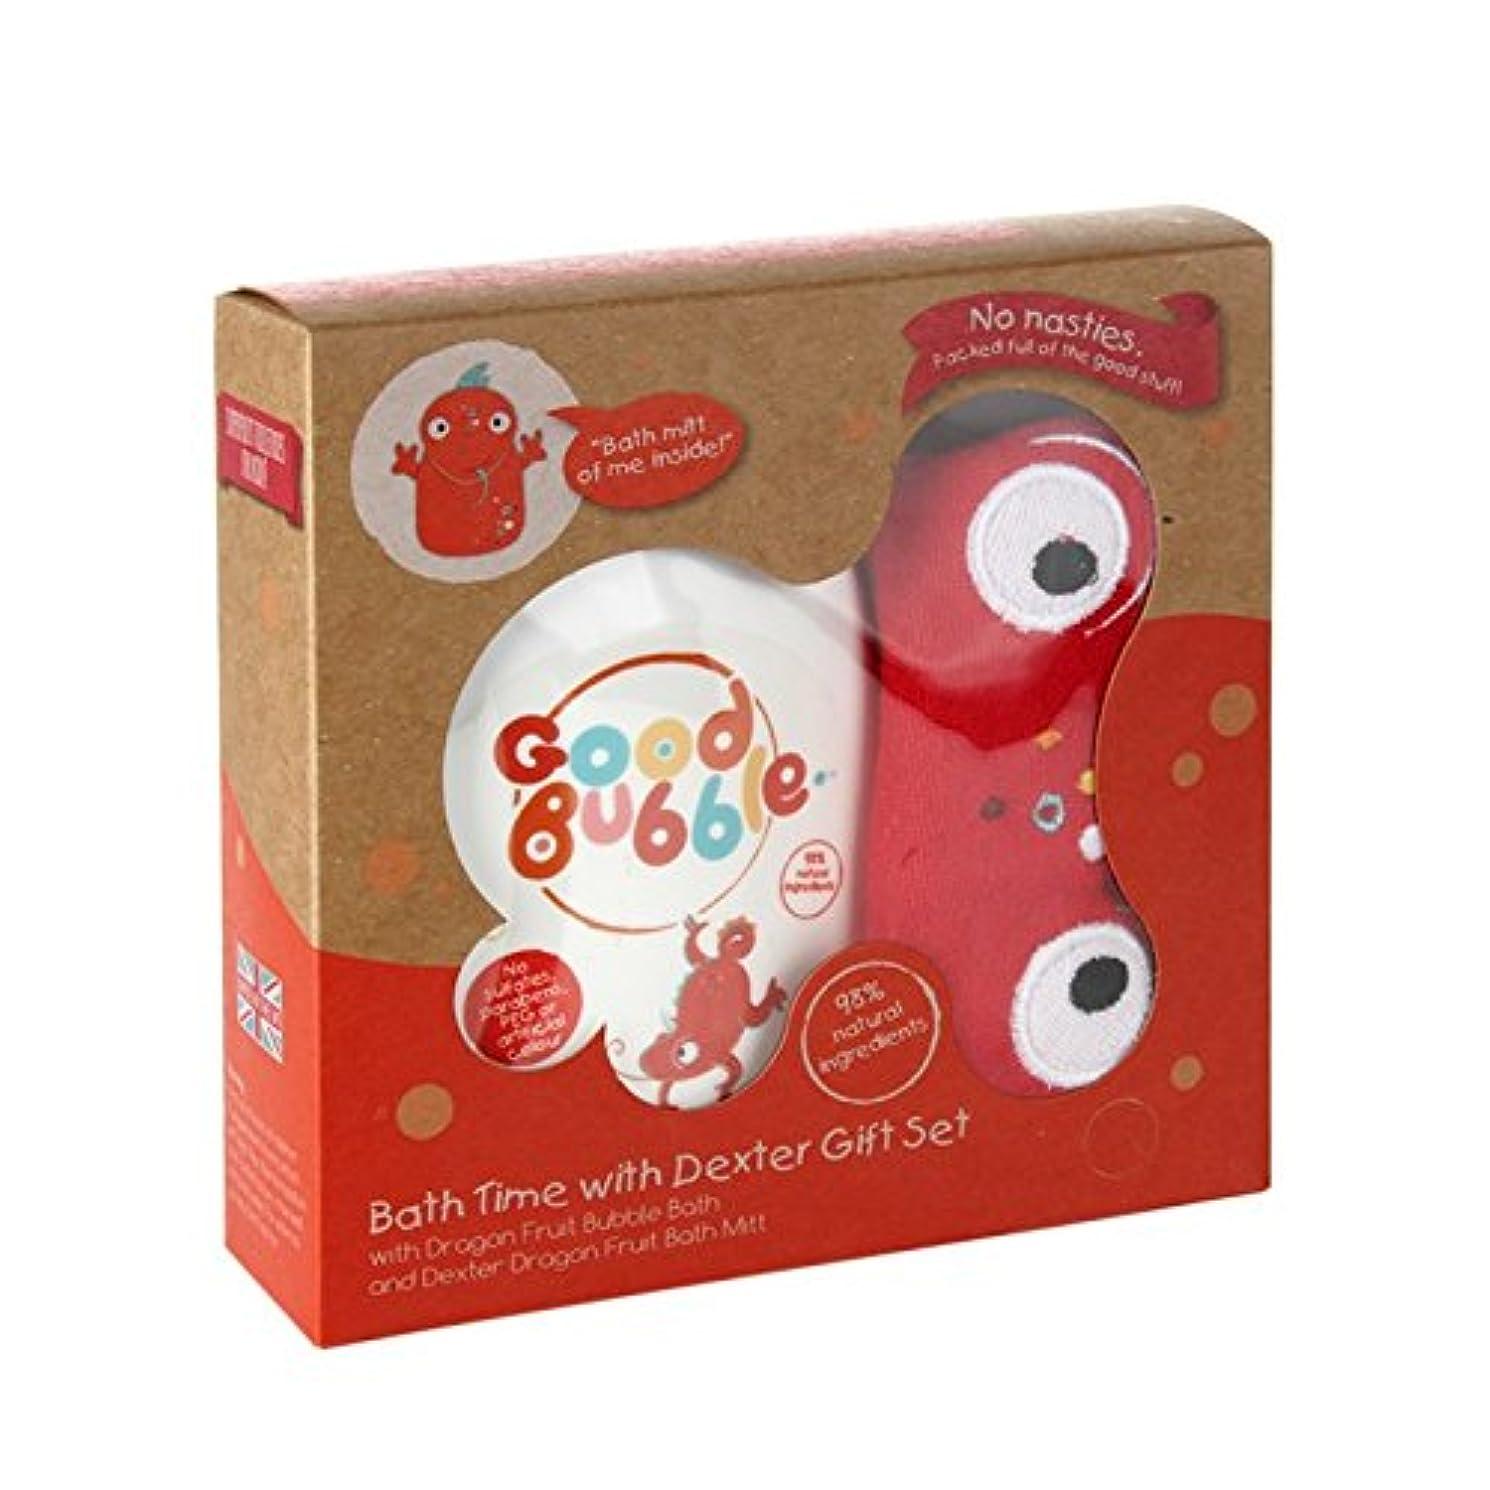 爵植生指定Good Bubble Dexter Dragonfruit Gift Set 550g (Pack of 6) - 良いバブルデクスターDragonfruitギフトセット550グラム (x6) [並行輸入品]